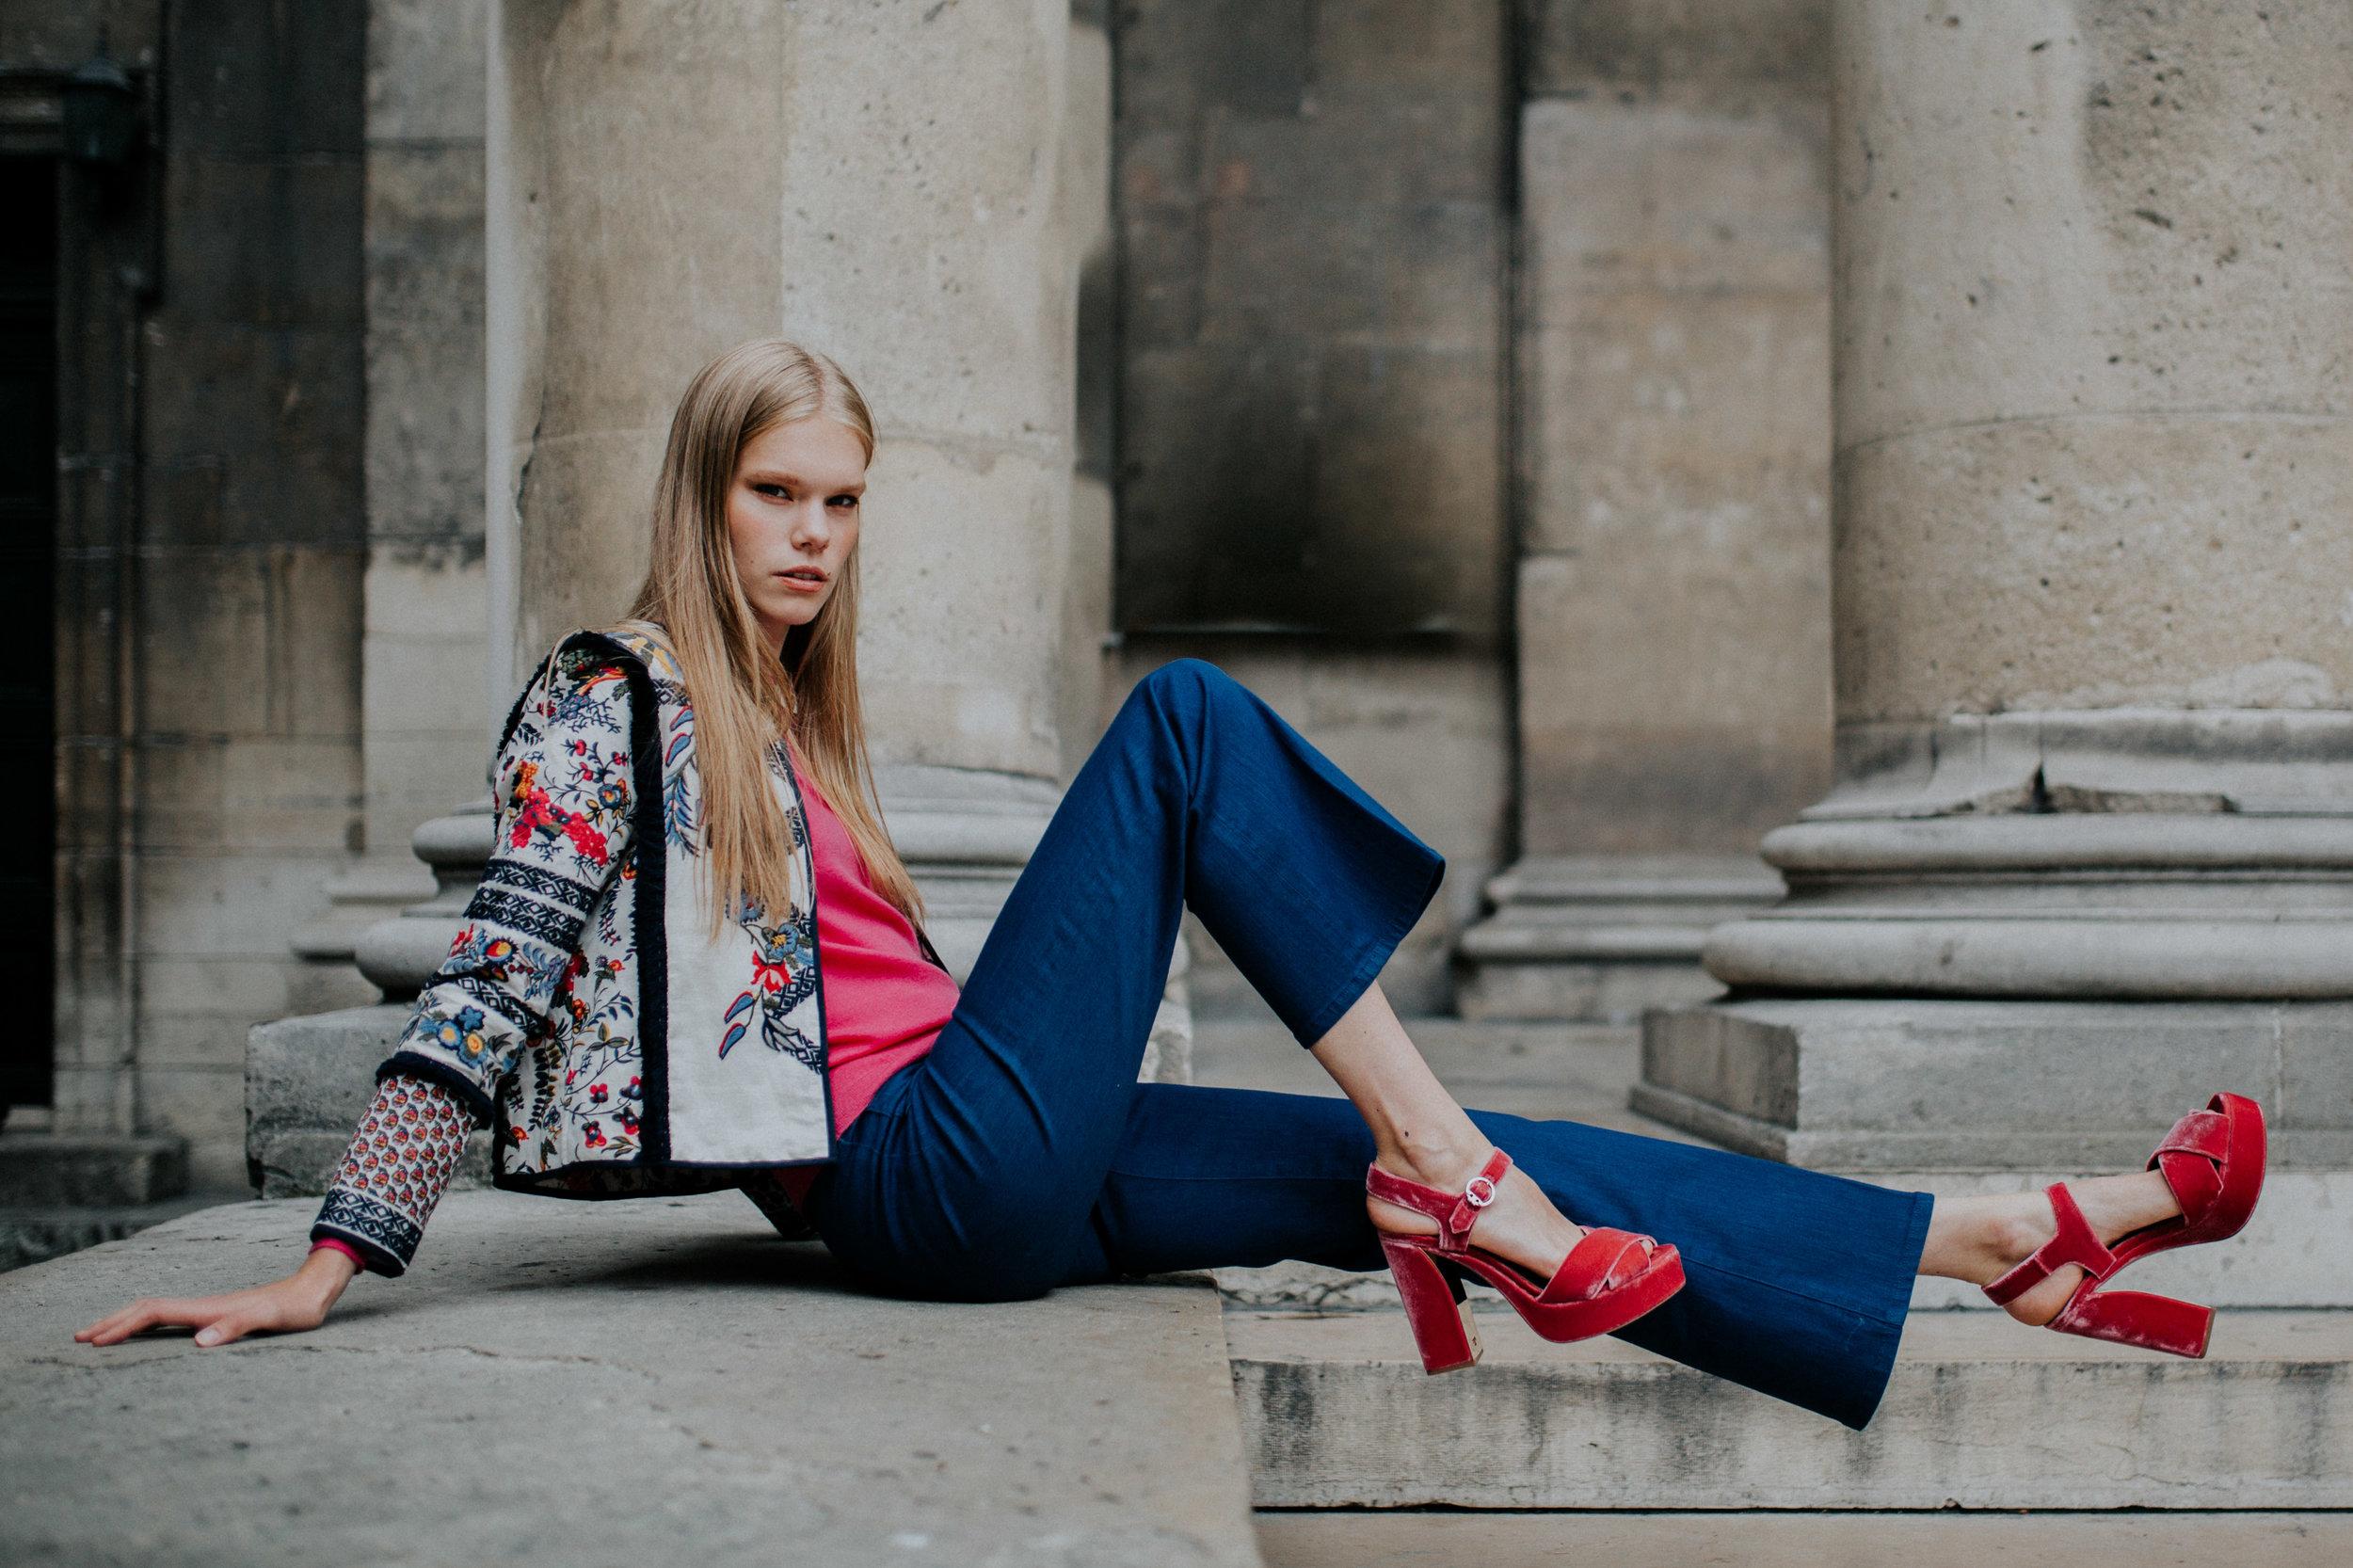 Vita - Look #3: Amber Jacket, Luisa Zip-Front Flare Jeans,Loretta Velvet Platform Sandals, Parker Floral Convertible Large Shoulder Bag